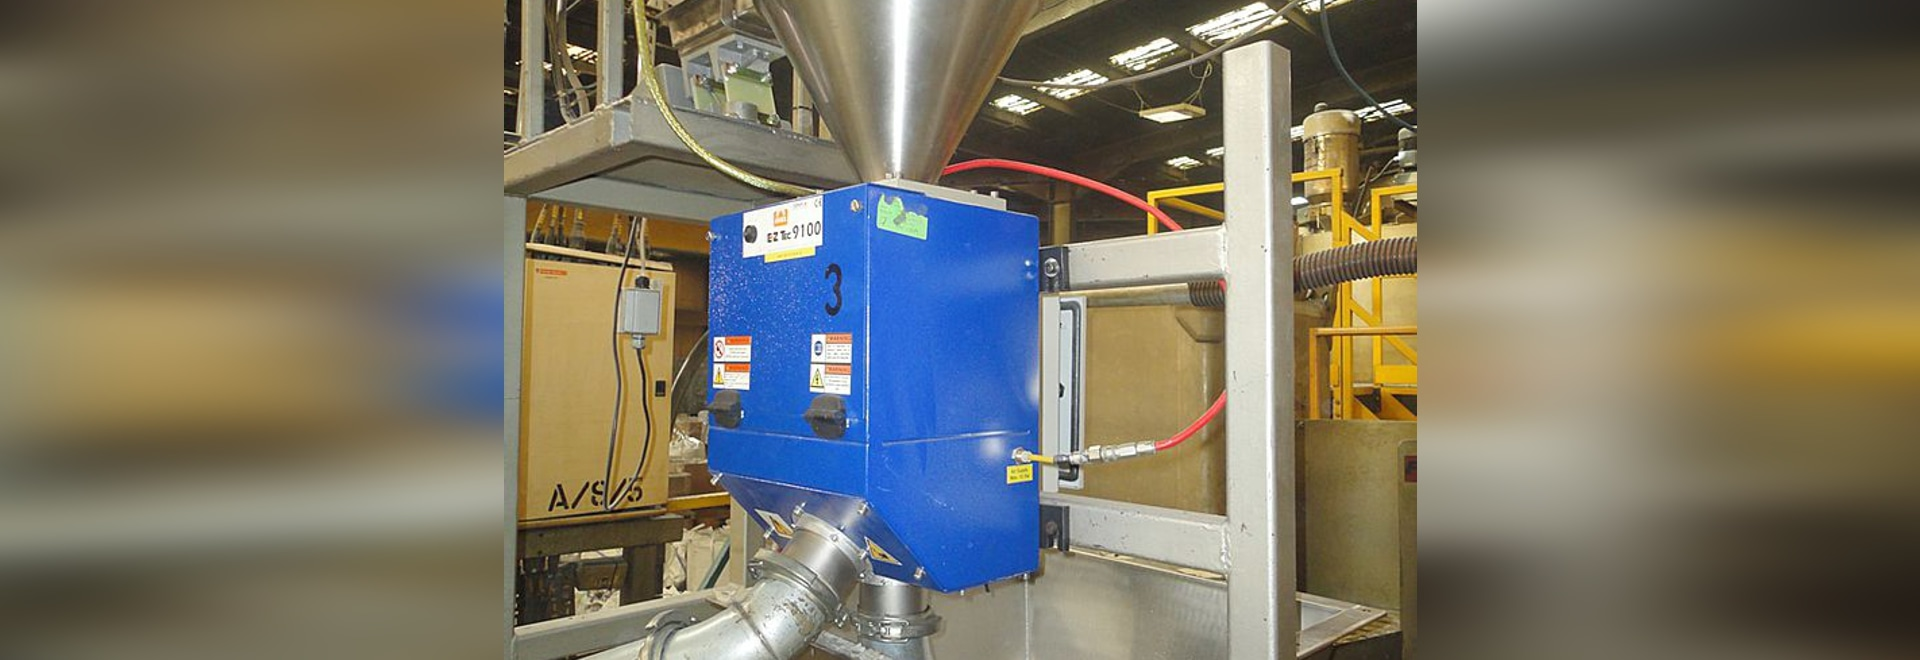 Petlon Polymer installe le séparateur tout métaux E-Z Tec 9100